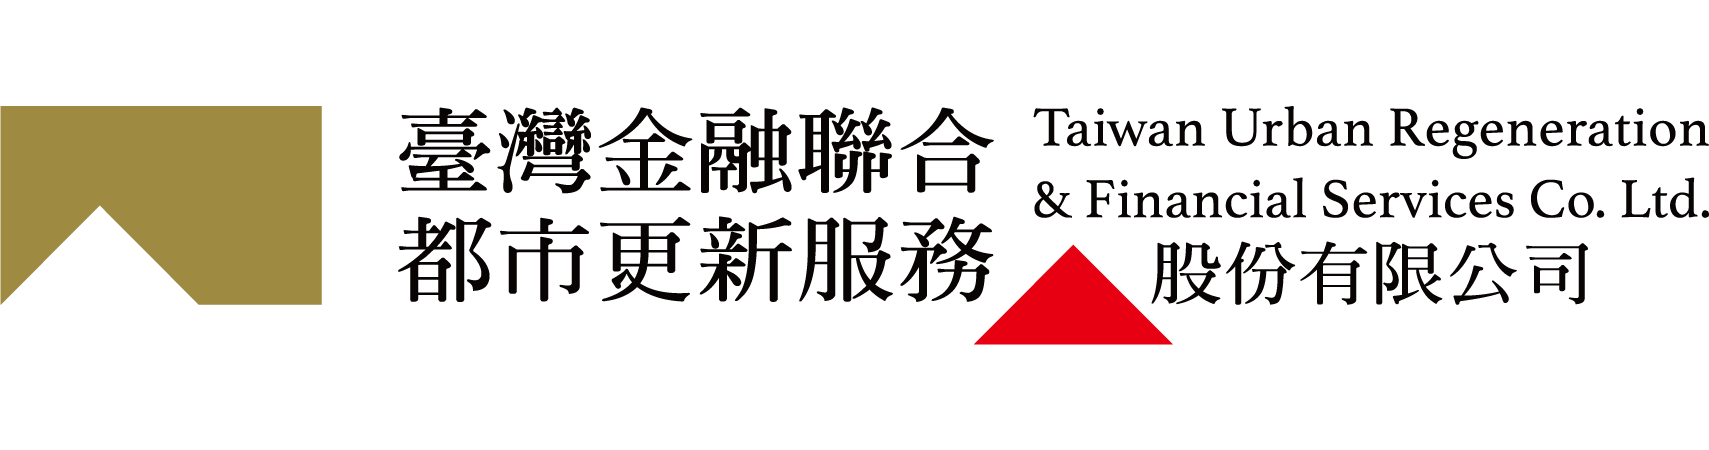 臺灣金融聯合都市更新服務股份有限公司